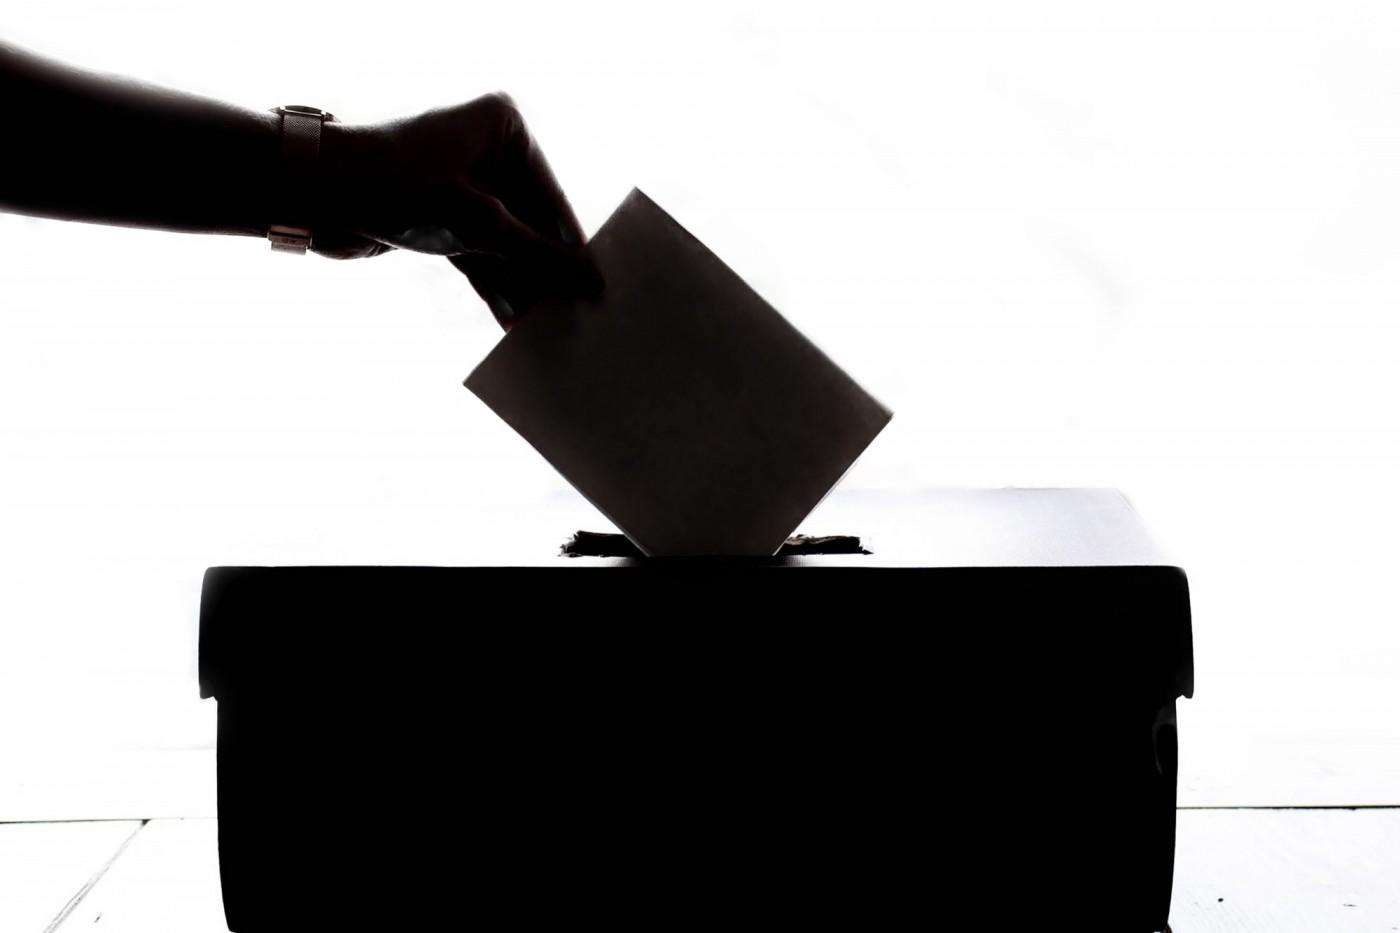 42國採用的電子投票系統被揭露:恐讓人任意竄改選舉結果